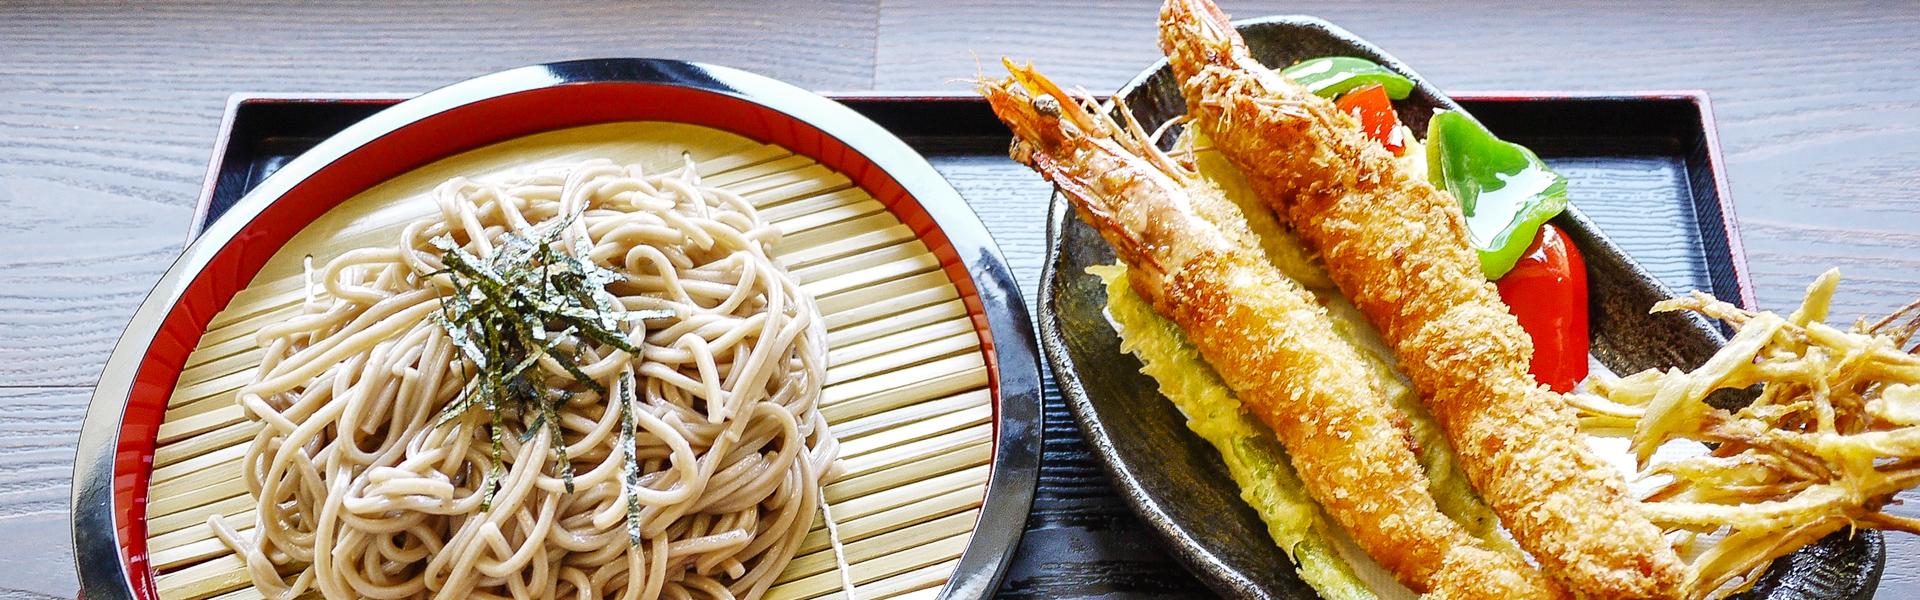 嘉義 一間 大阪燒 茶屋 紅豆麻糬湯 天婦羅蕎麥涼麵 檜意森活村